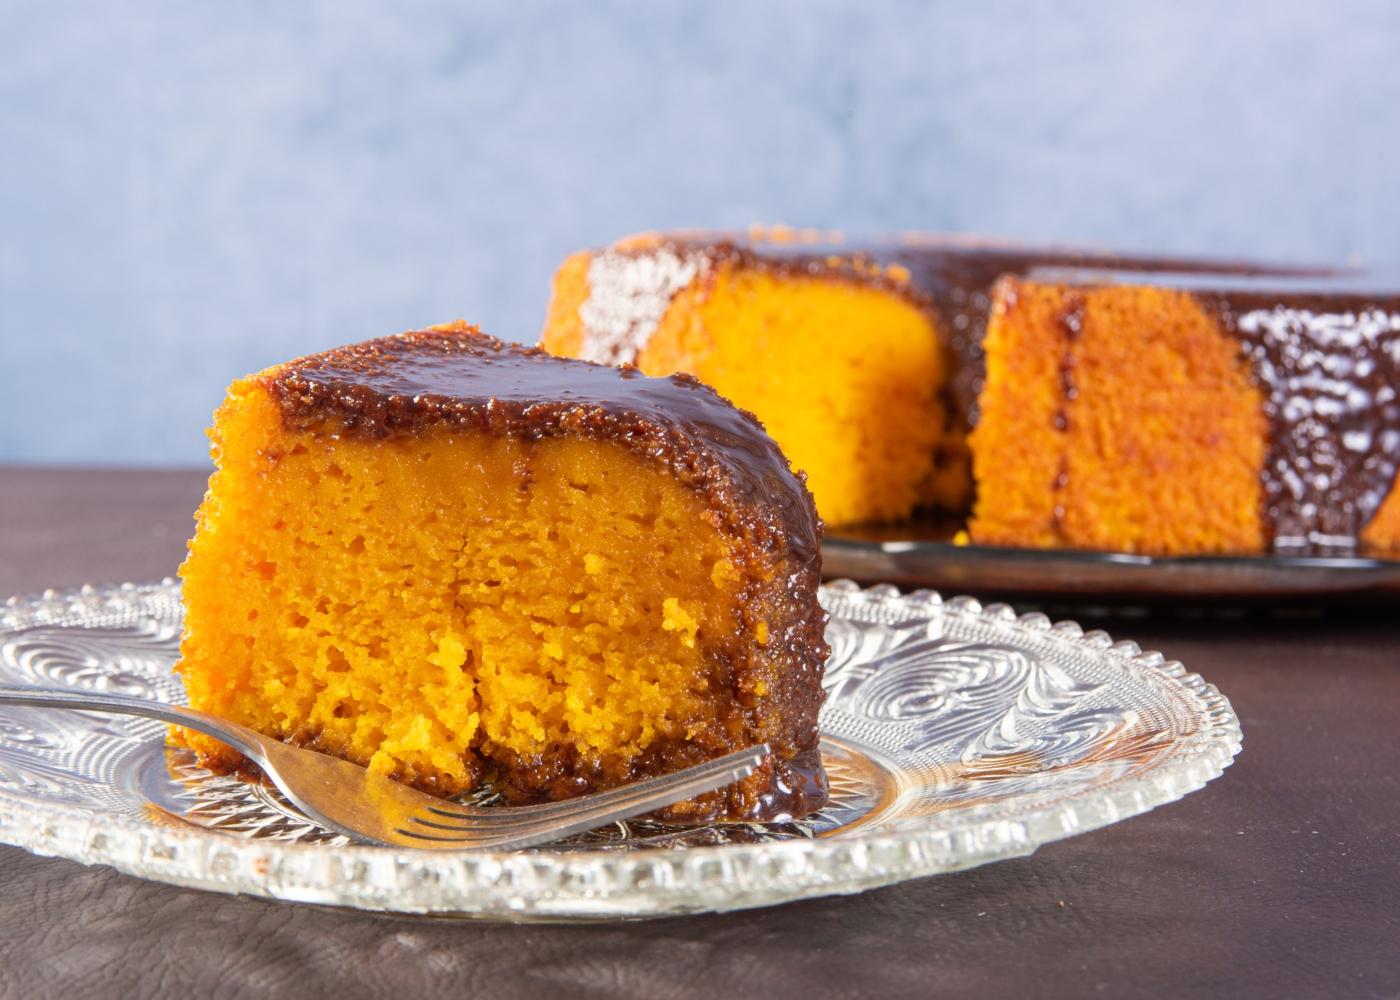 Fatia de bolo de laranja com calda de chocolate